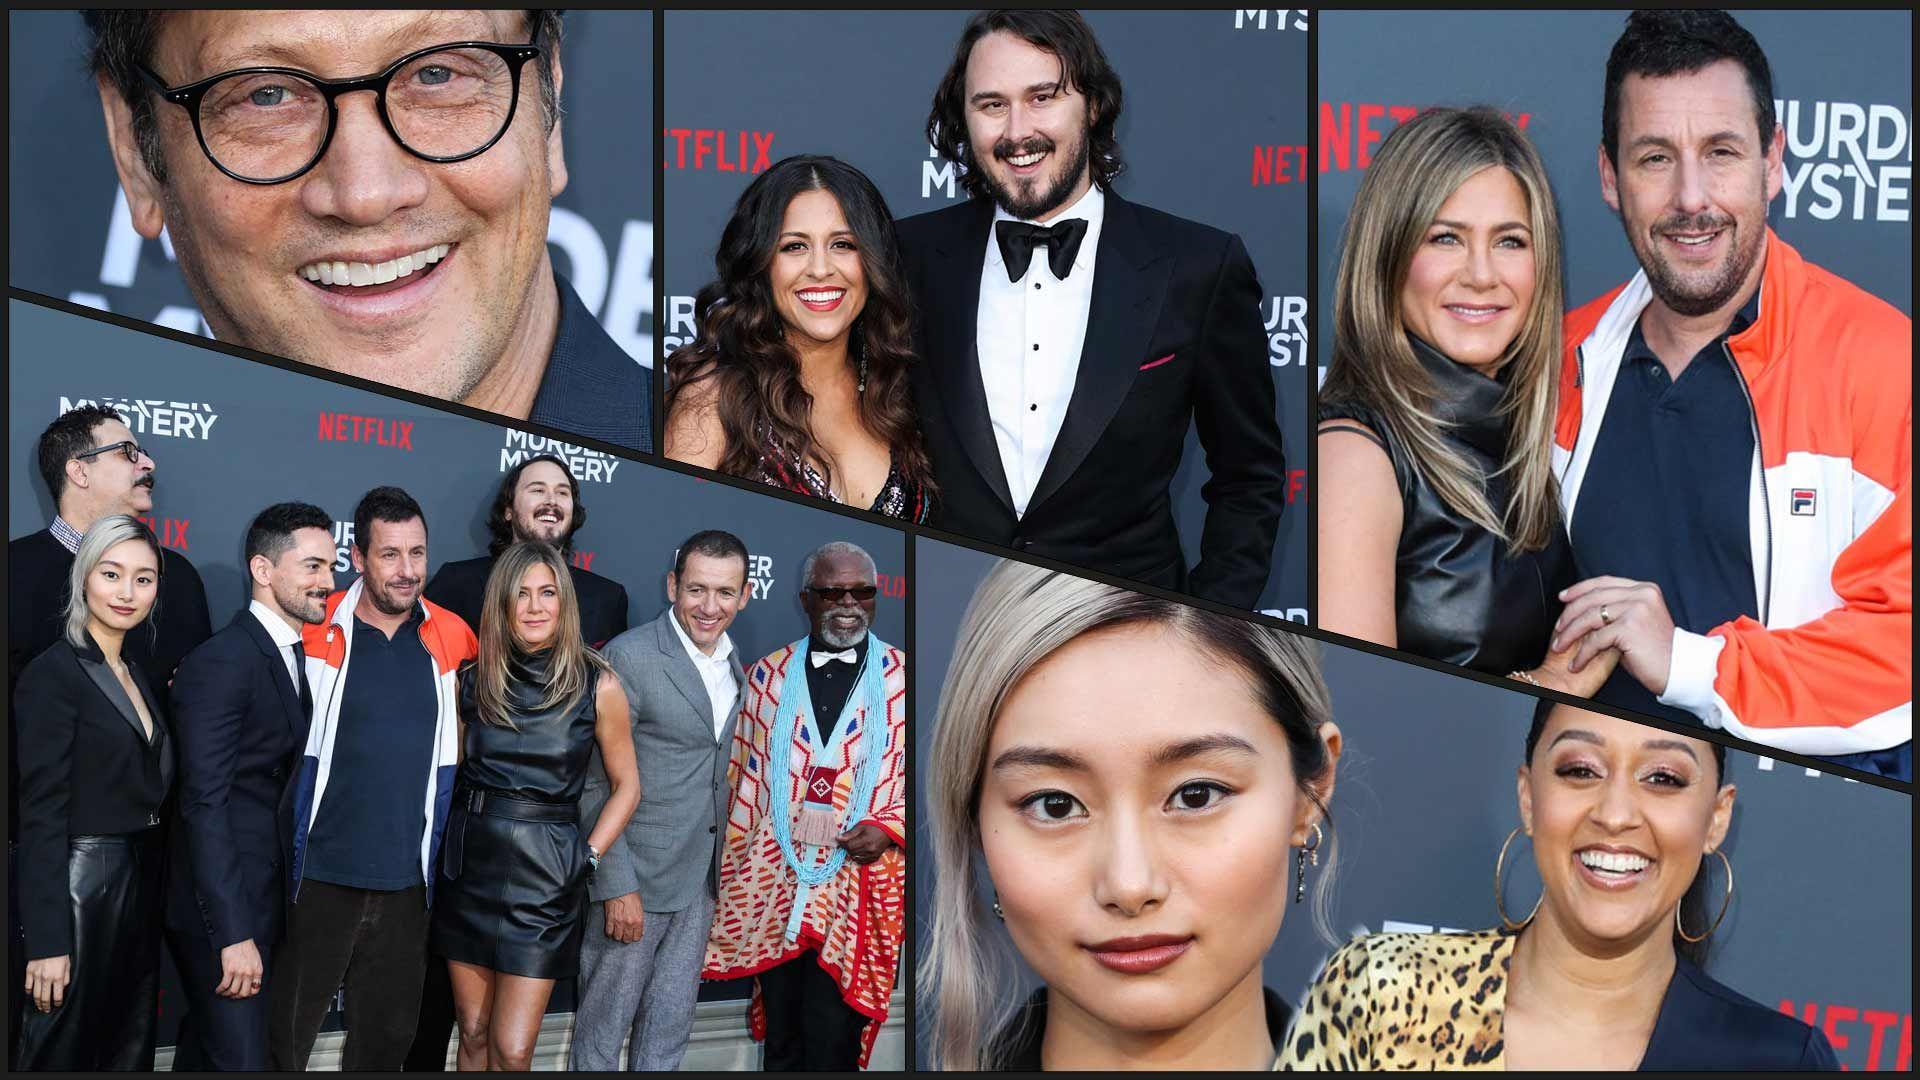 Adam Sandler & Jen Aniston Kill the Red Carpet for 'Murder Mystery'